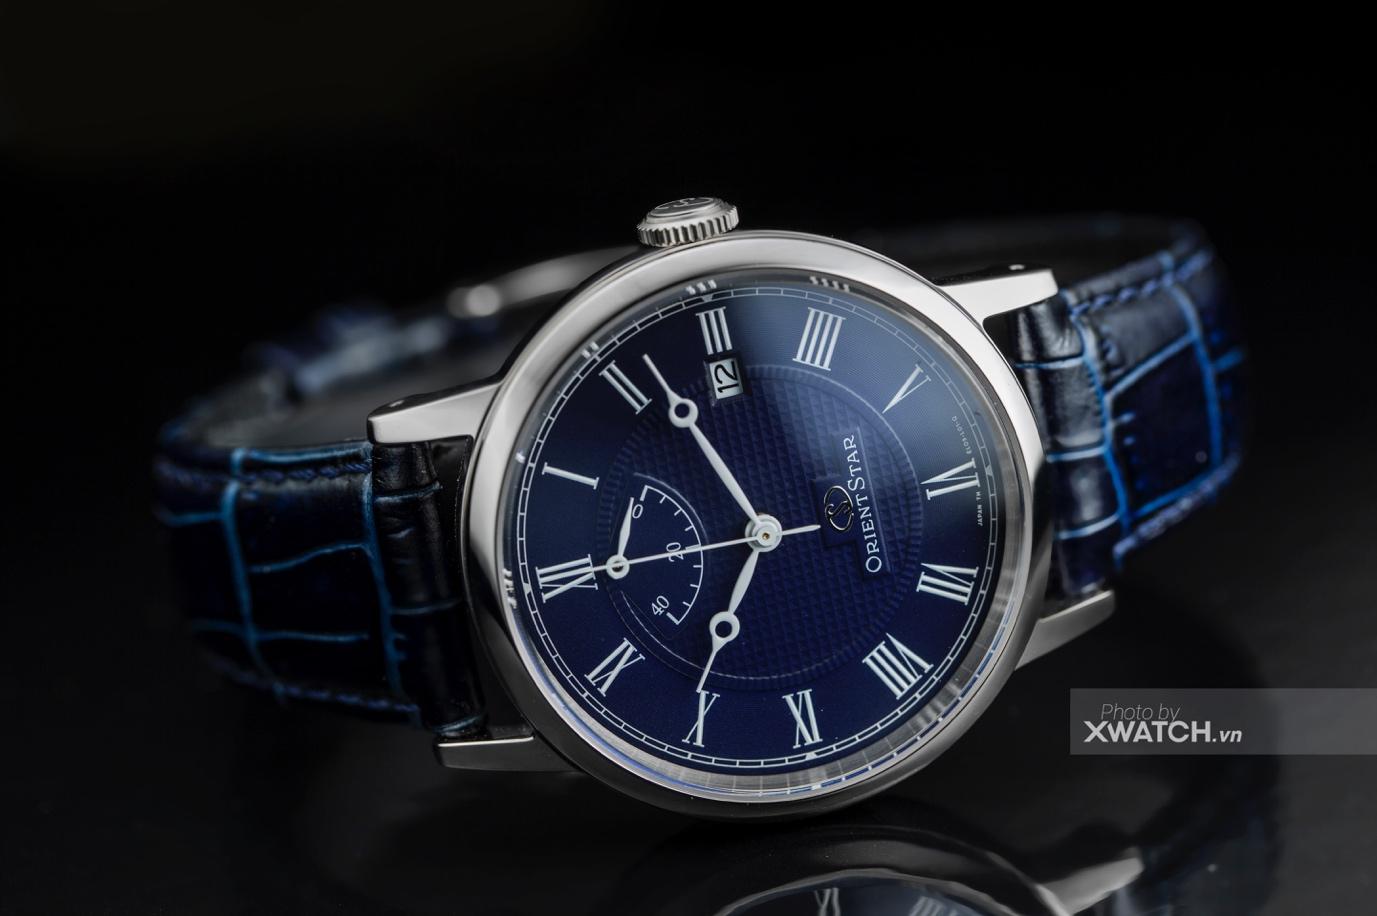 5 mẫu đồng hồ nam chính hãng được săn lùng nhiều nhất tại Xwatch - Ảnh 4.